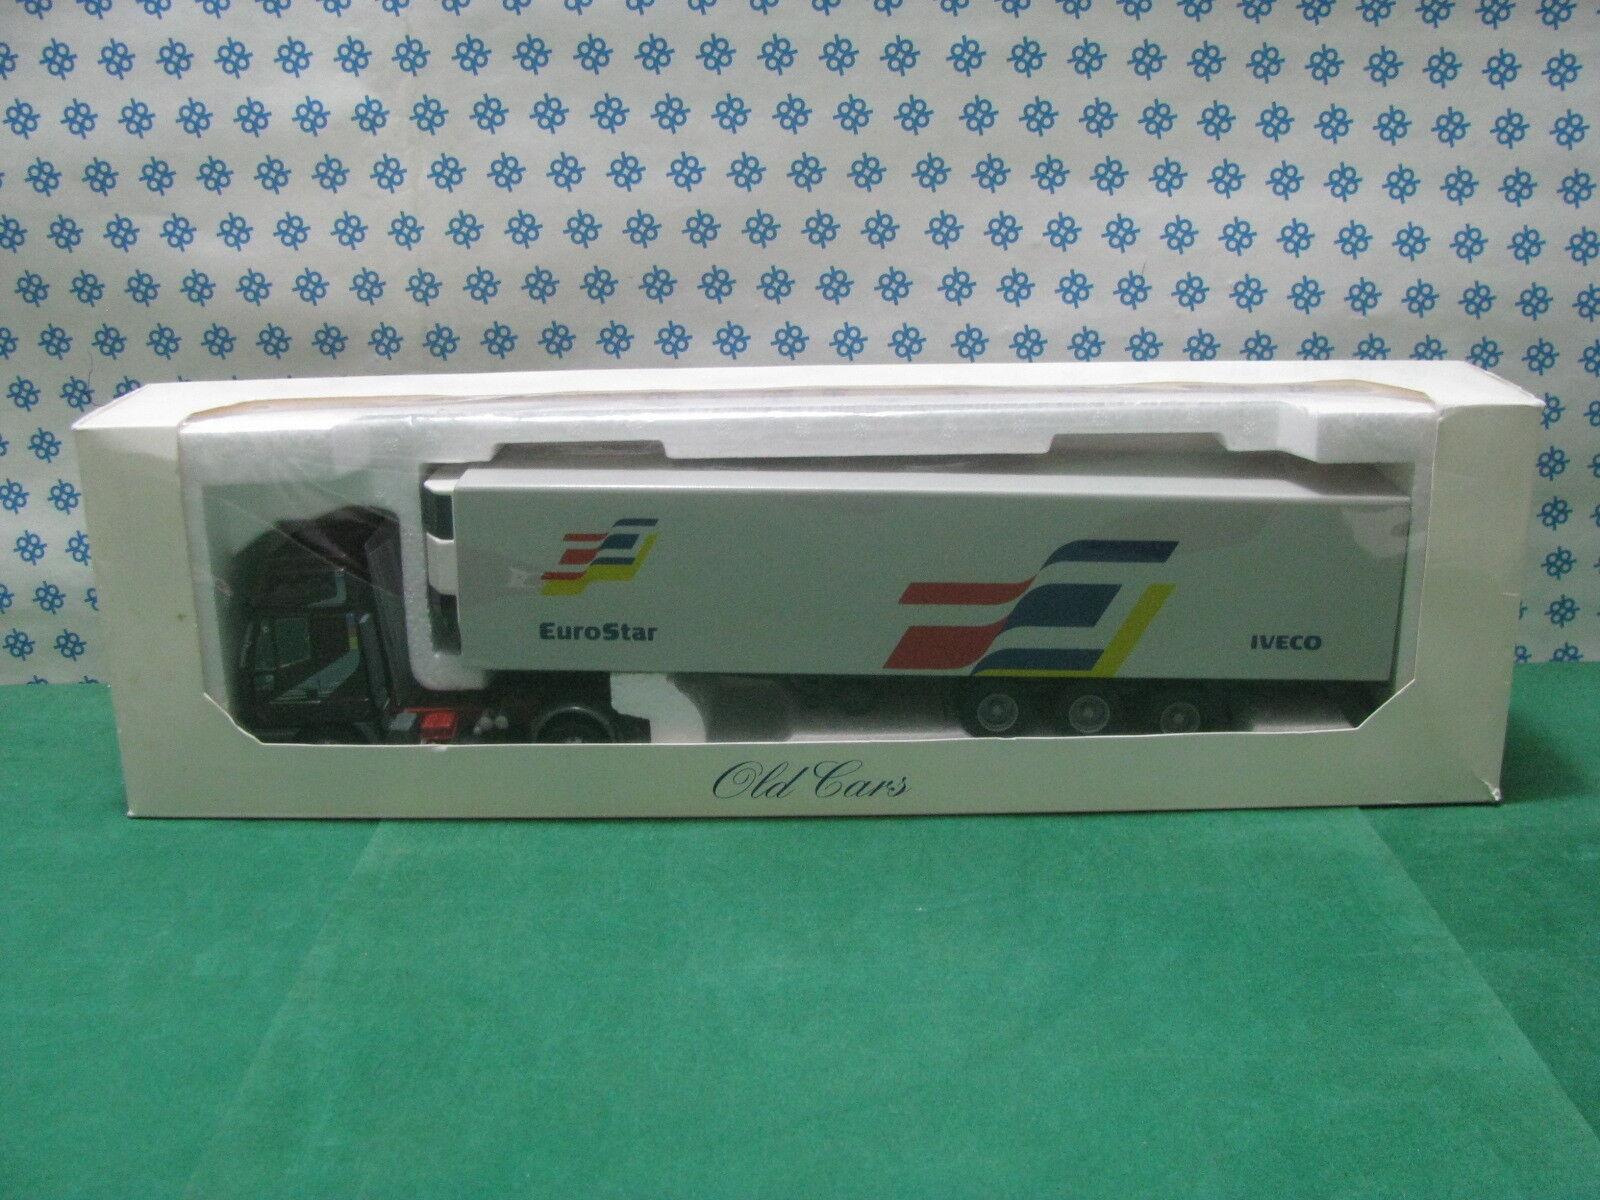 barato y de alta calidad Camión-Fiat Iveco euroEstrella bilico frigo - 1 1 1 43 old Coches-promozionale - 1992  para proporcionarle una compra en línea agradable